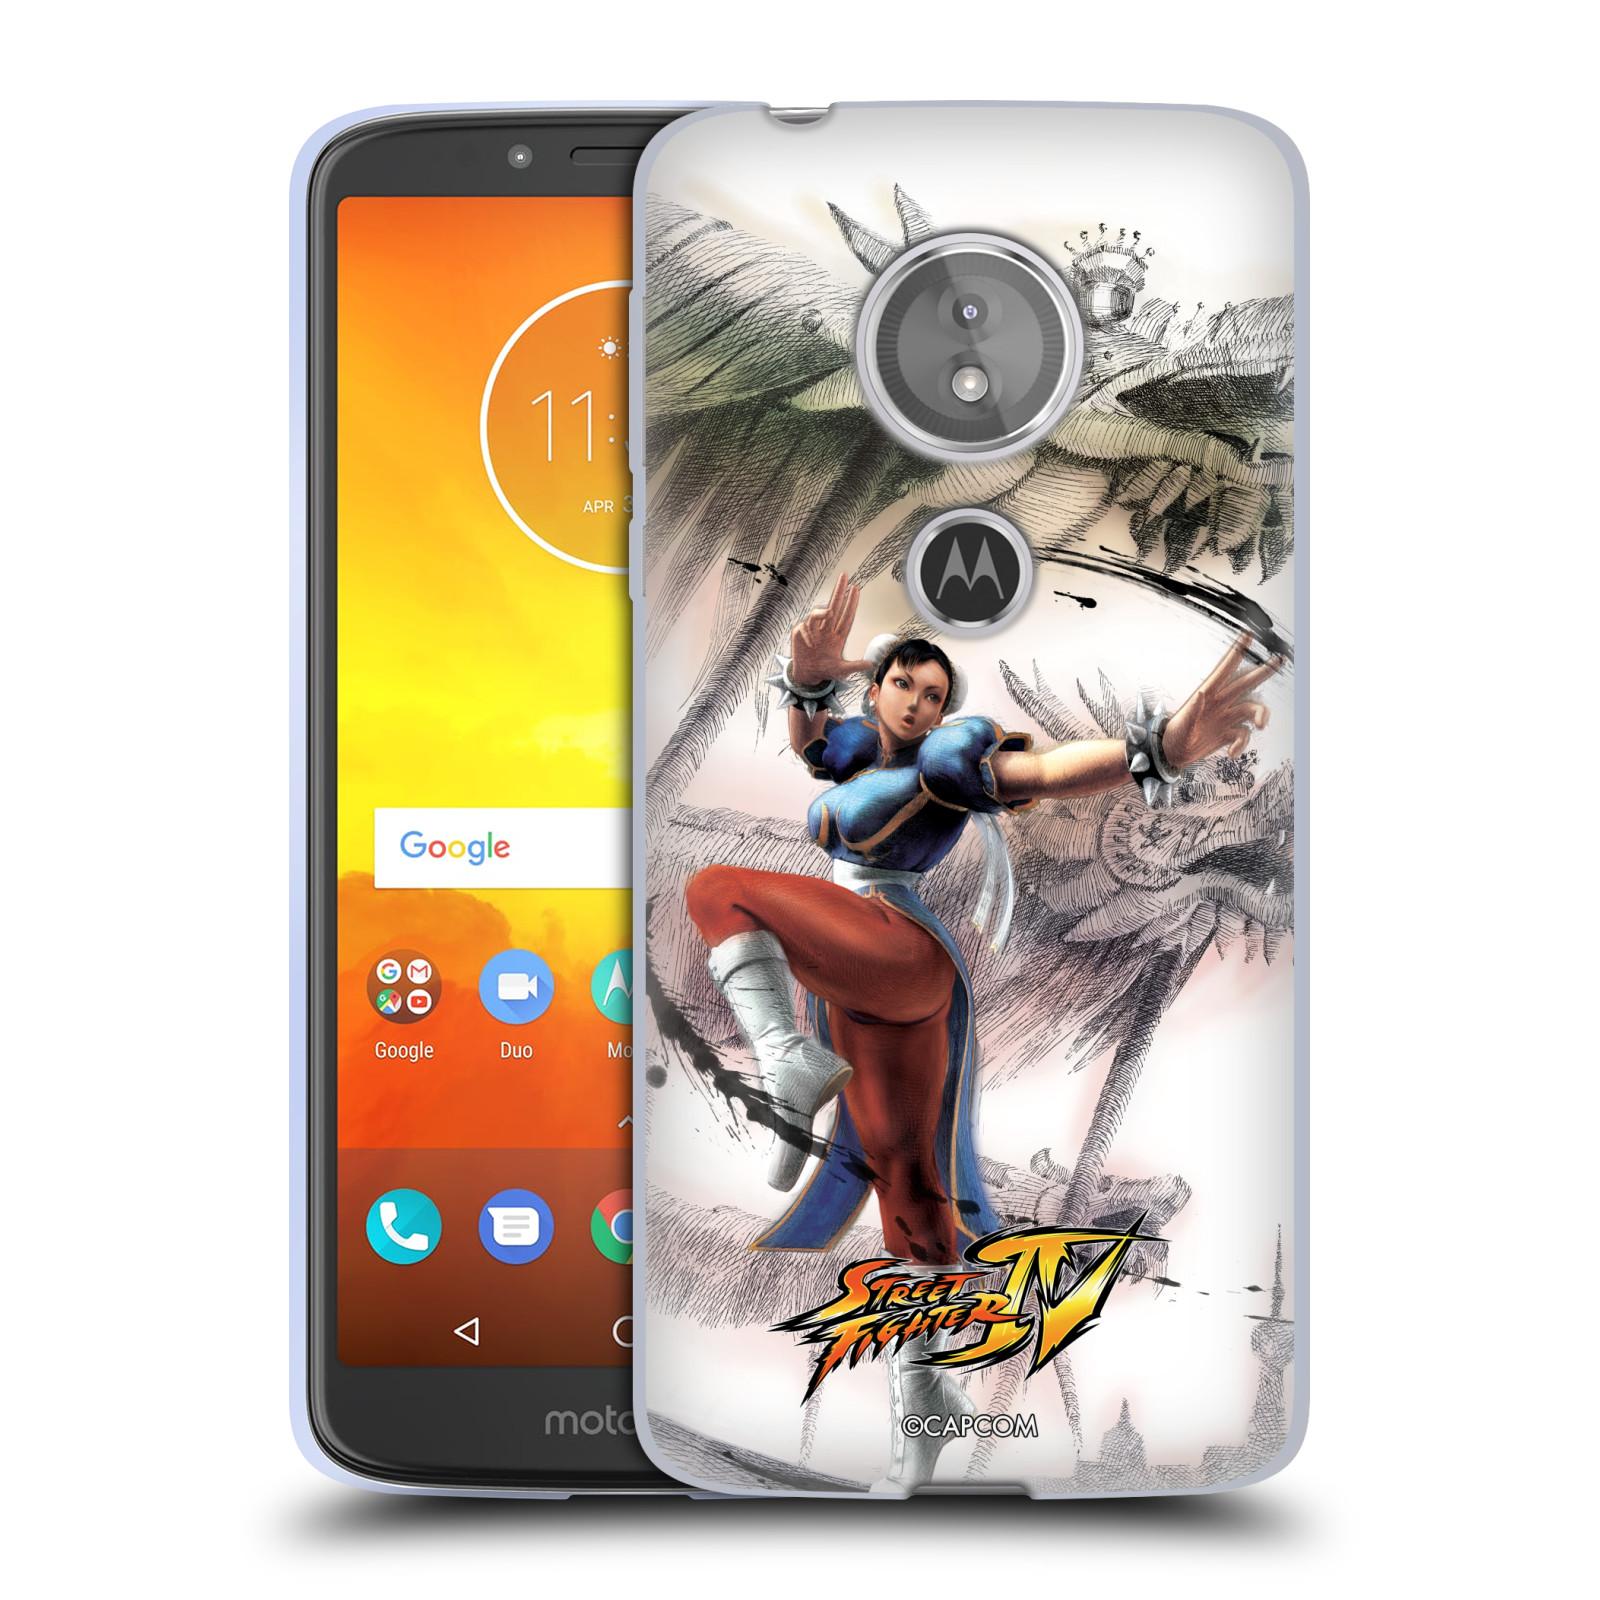 HEAD CASE silikonový obal na mobil Motorola Moto E5 oficiální kryt STREET FIGHTER bojovnice Chun-Li kresba